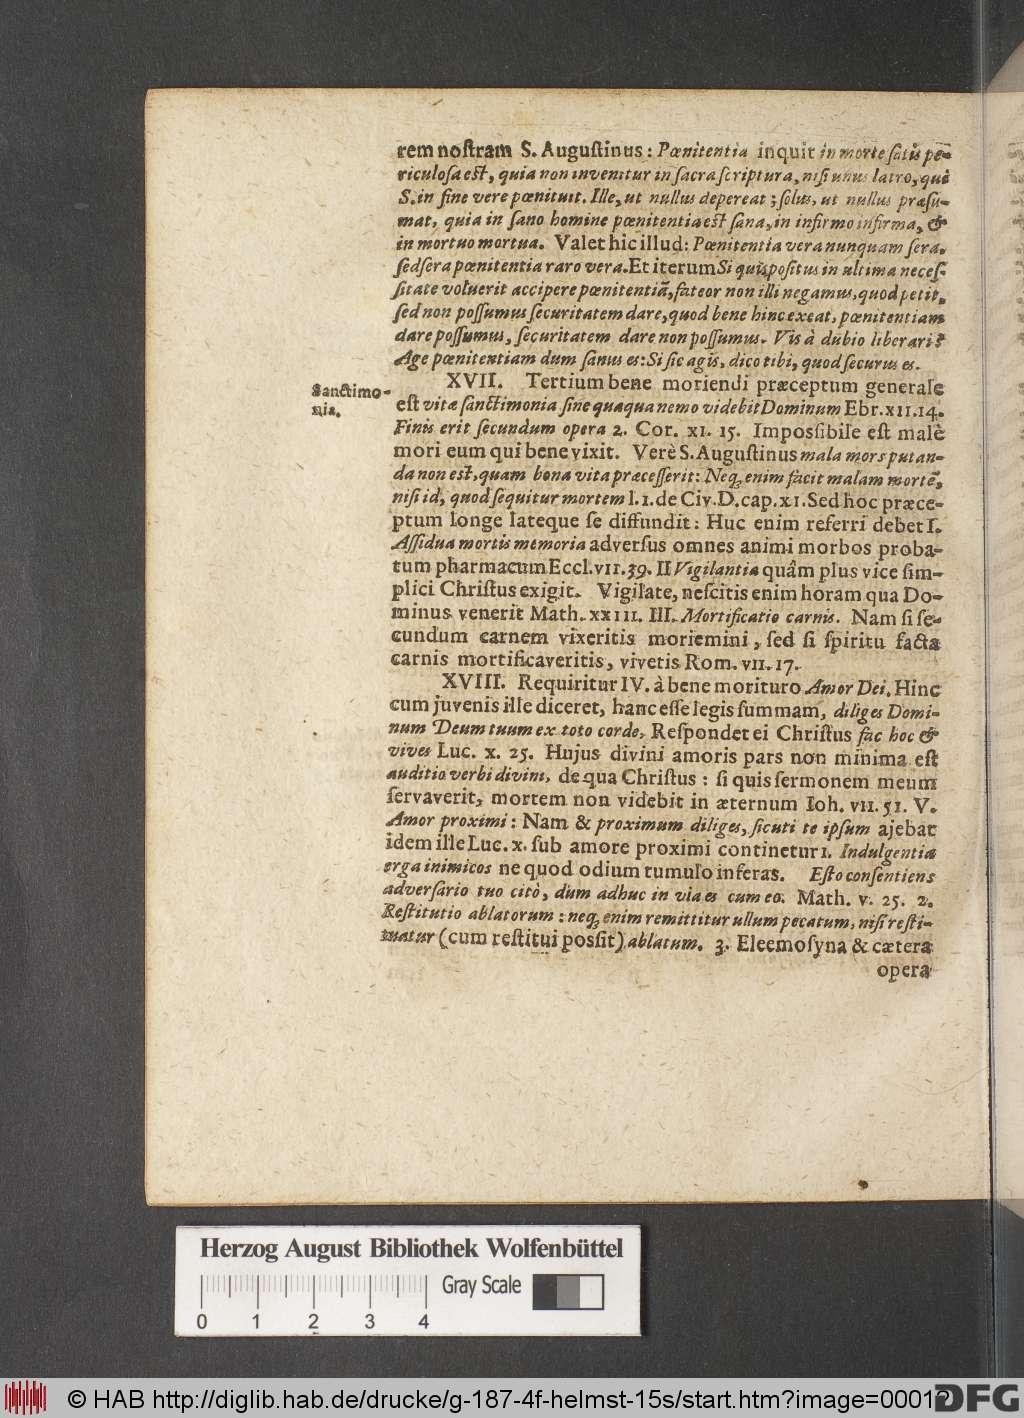 http://diglib.hab.de/drucke/g-187-4f-helmst-15s/00012.jpg